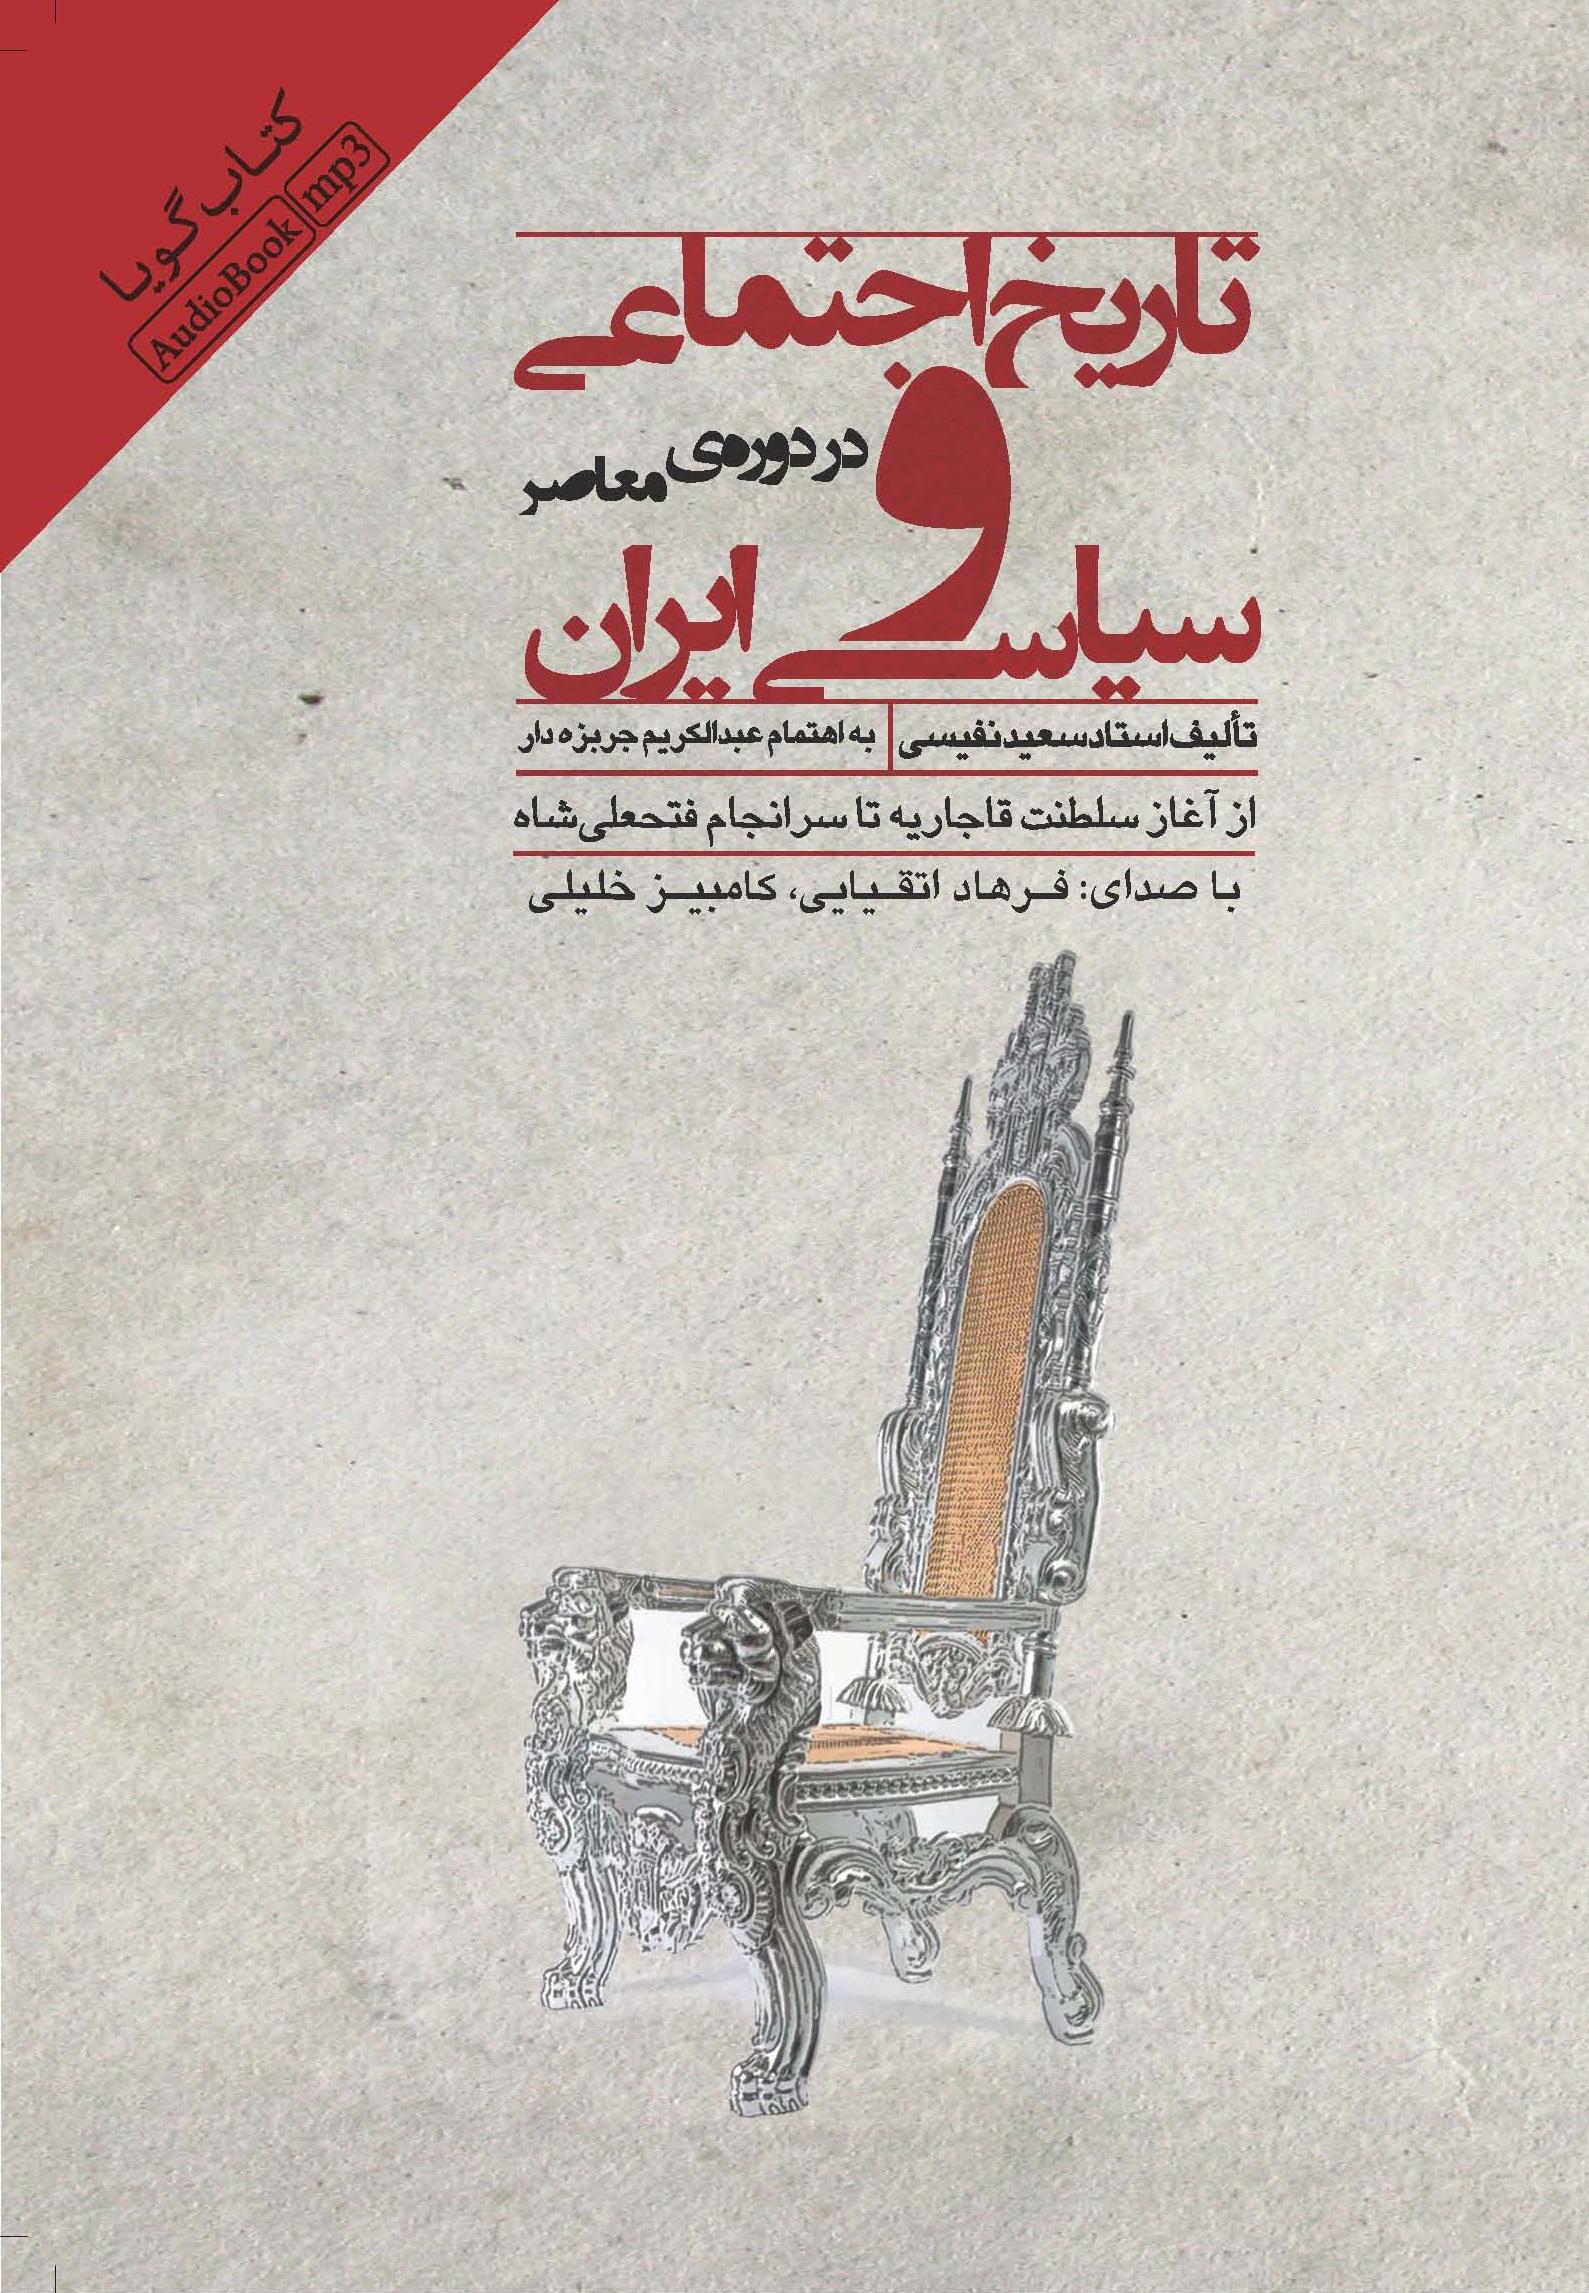 کتاب صوتی تاریخ اجتماعی و سیاسی ایران در دوره معاصر اثر سعید نفیسی